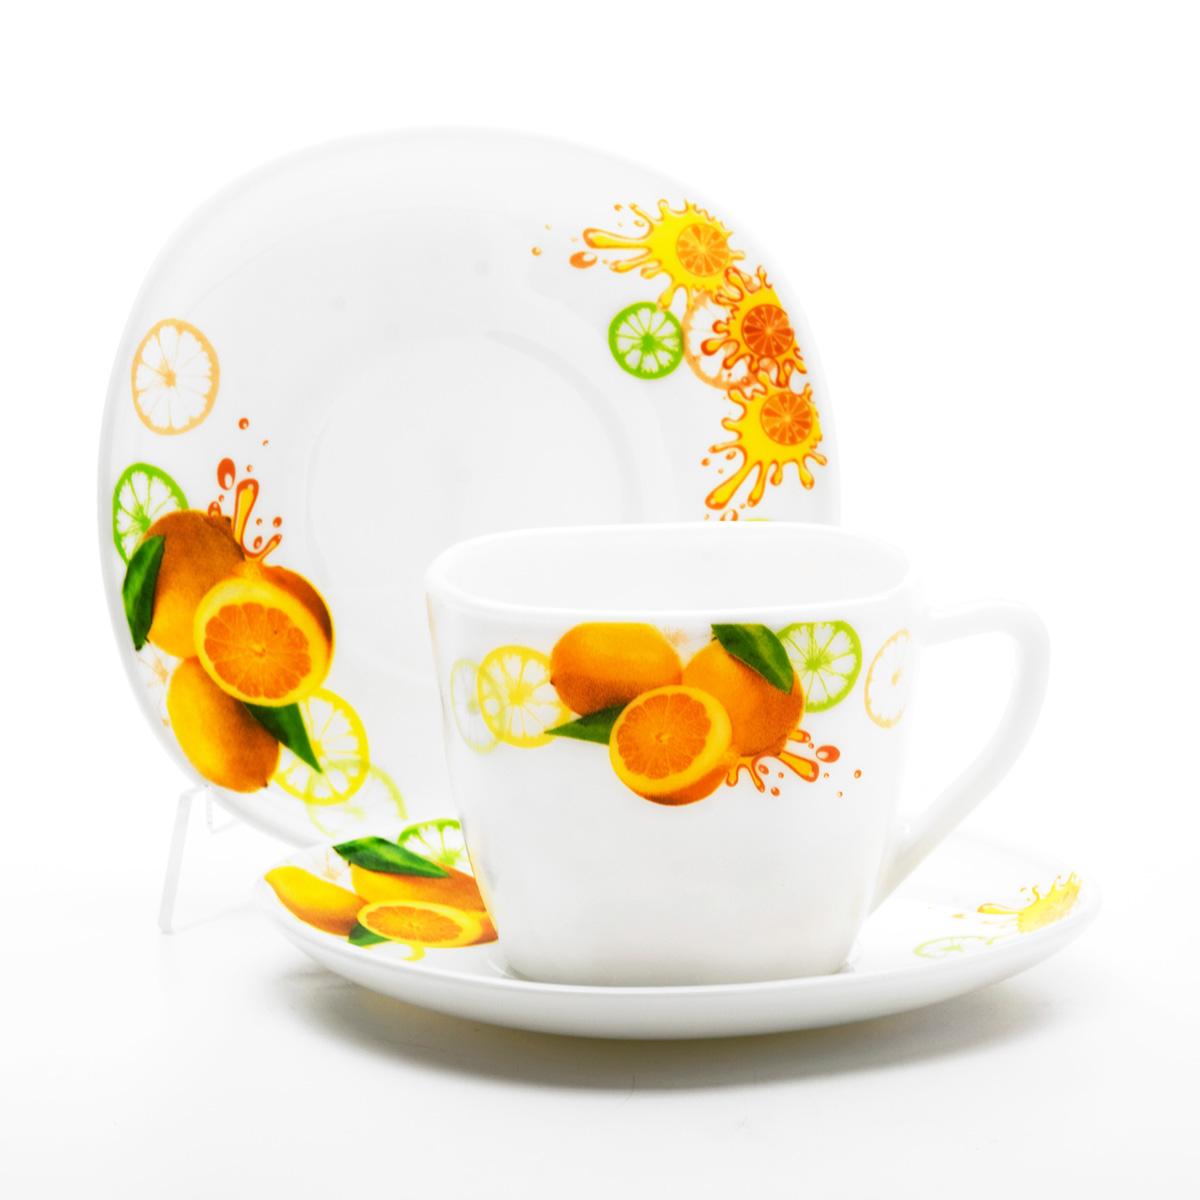 Набор чайный Mayer & Boch Лимон, 12 предметов. 2410824108Чайный набор Mayer & Boch Лимон, выполненный из высококачественного стекла, состоит из шести чашек и шести блюдец. Предметы набора оформлены изображением лимонов. Изящный дизайн и красочность оформления придутся по вкусу и ценителям классики, и тем, кто предпочитает утонченность и изысканность. Чайный набор - идеальный и необходимый подарок для вашего дома и для ваших друзей в праздники, юбилеи и торжества! Он также станет отличным корпоративным подарком и украшением любой кухни.